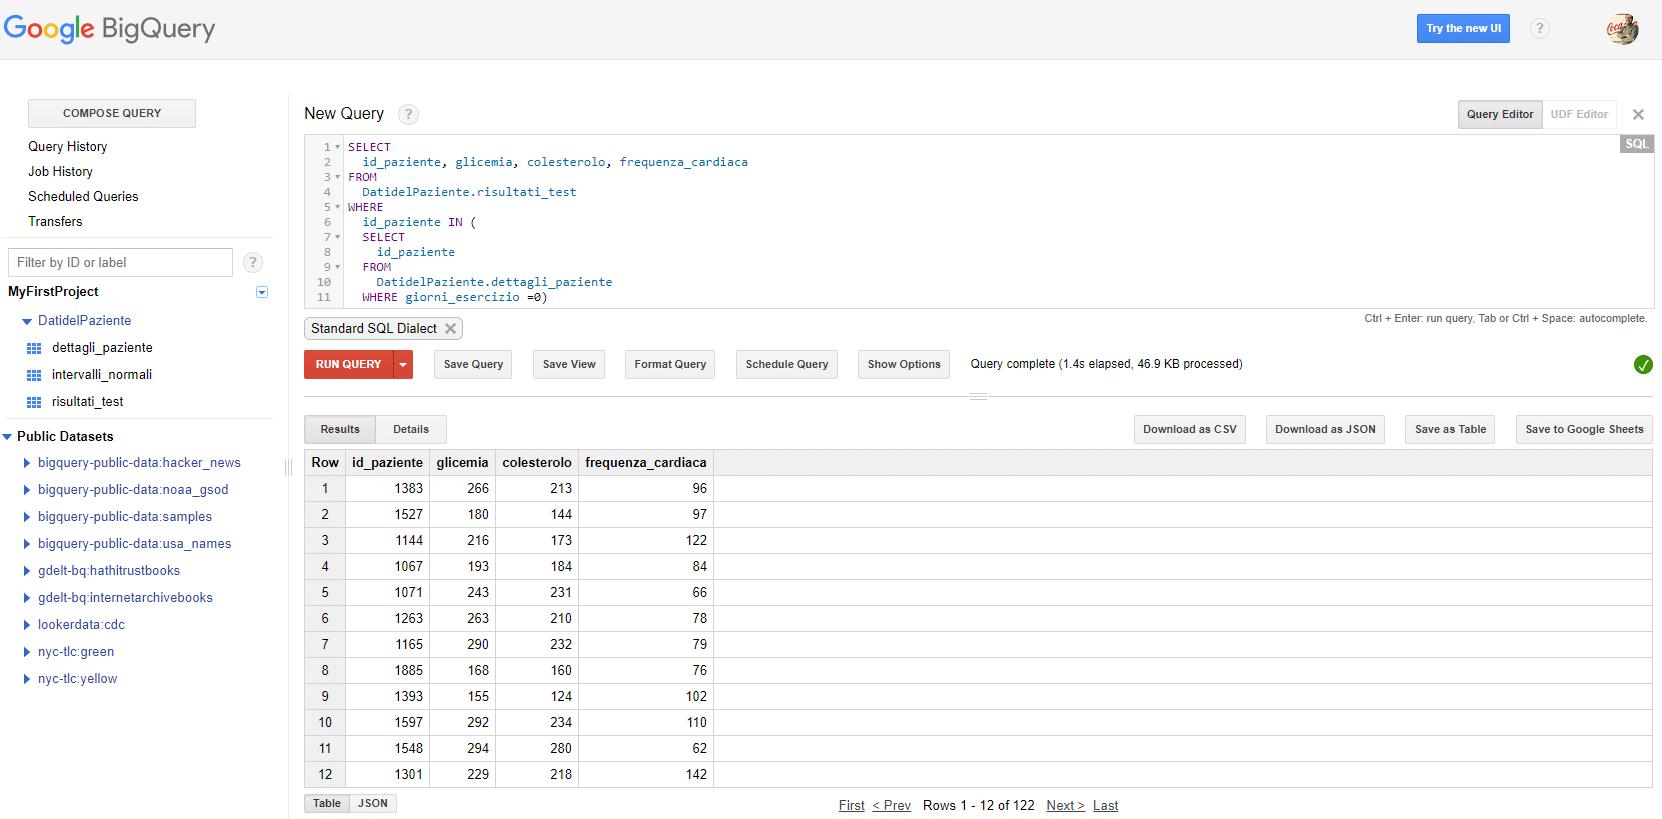 Join e subquery SQL di Google BigQuery - Esempio di join e